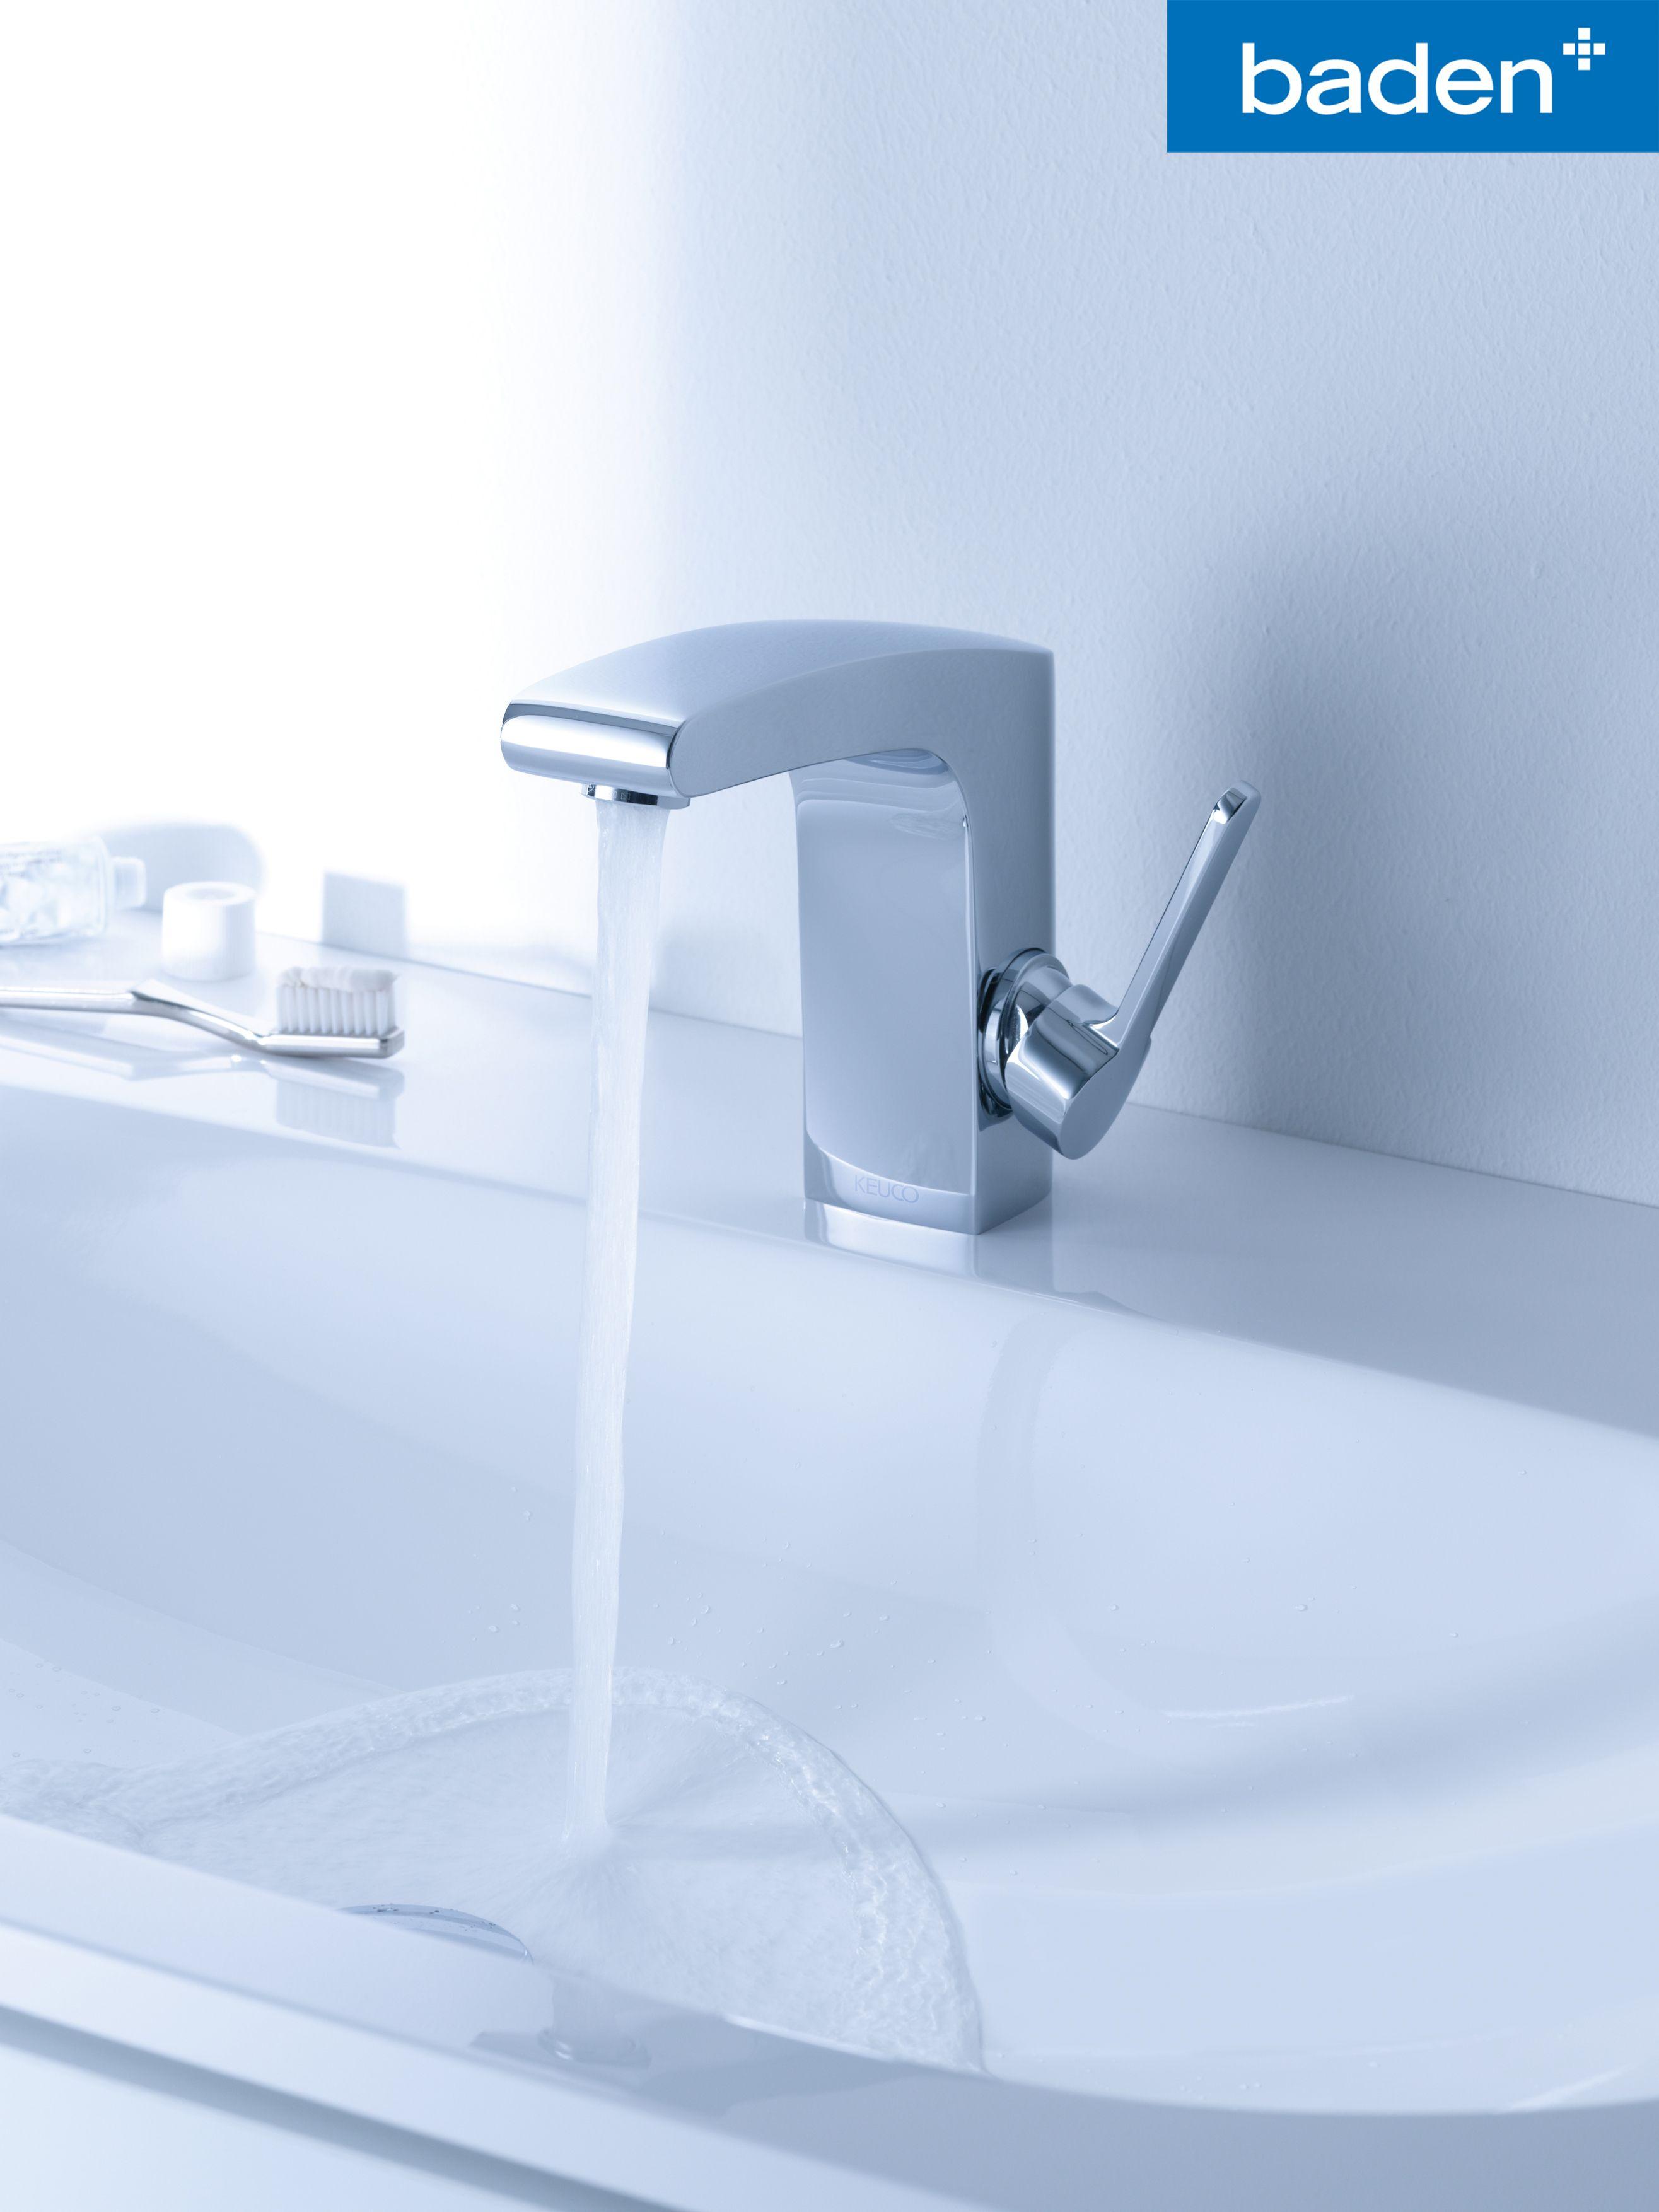 het mix match assortiment van baden biedt kwalitatieve